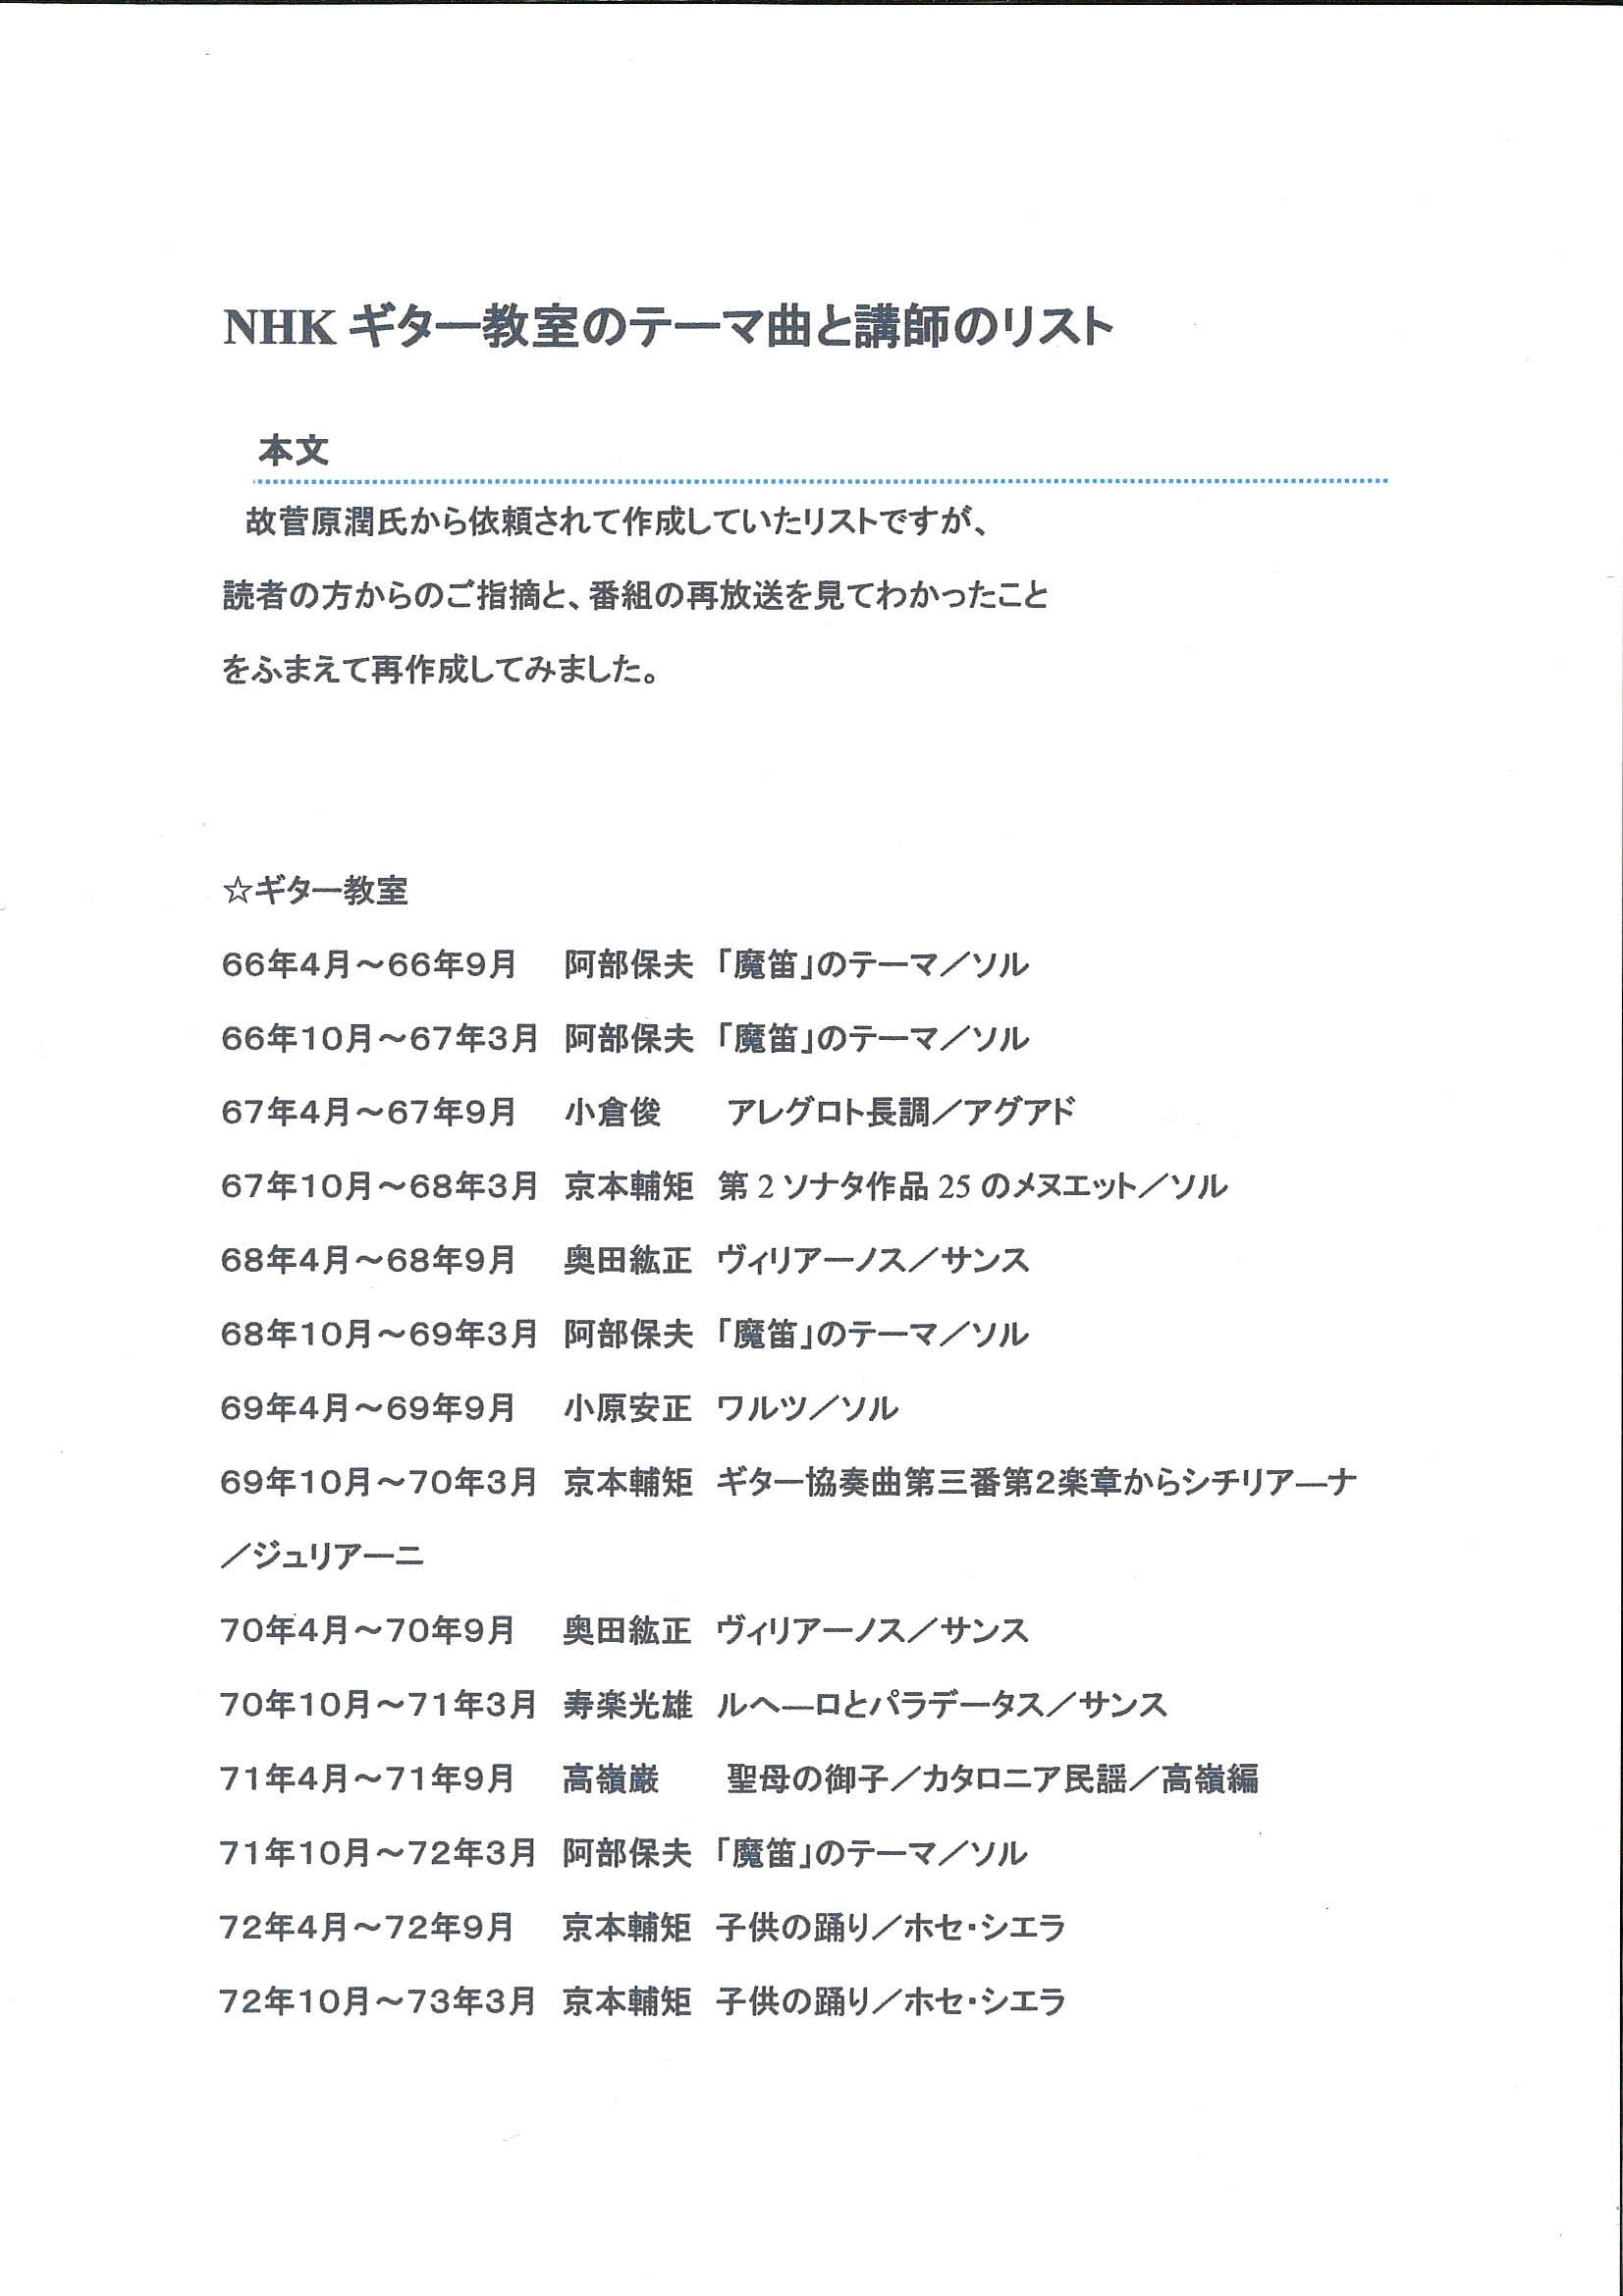 津出さんファイル1